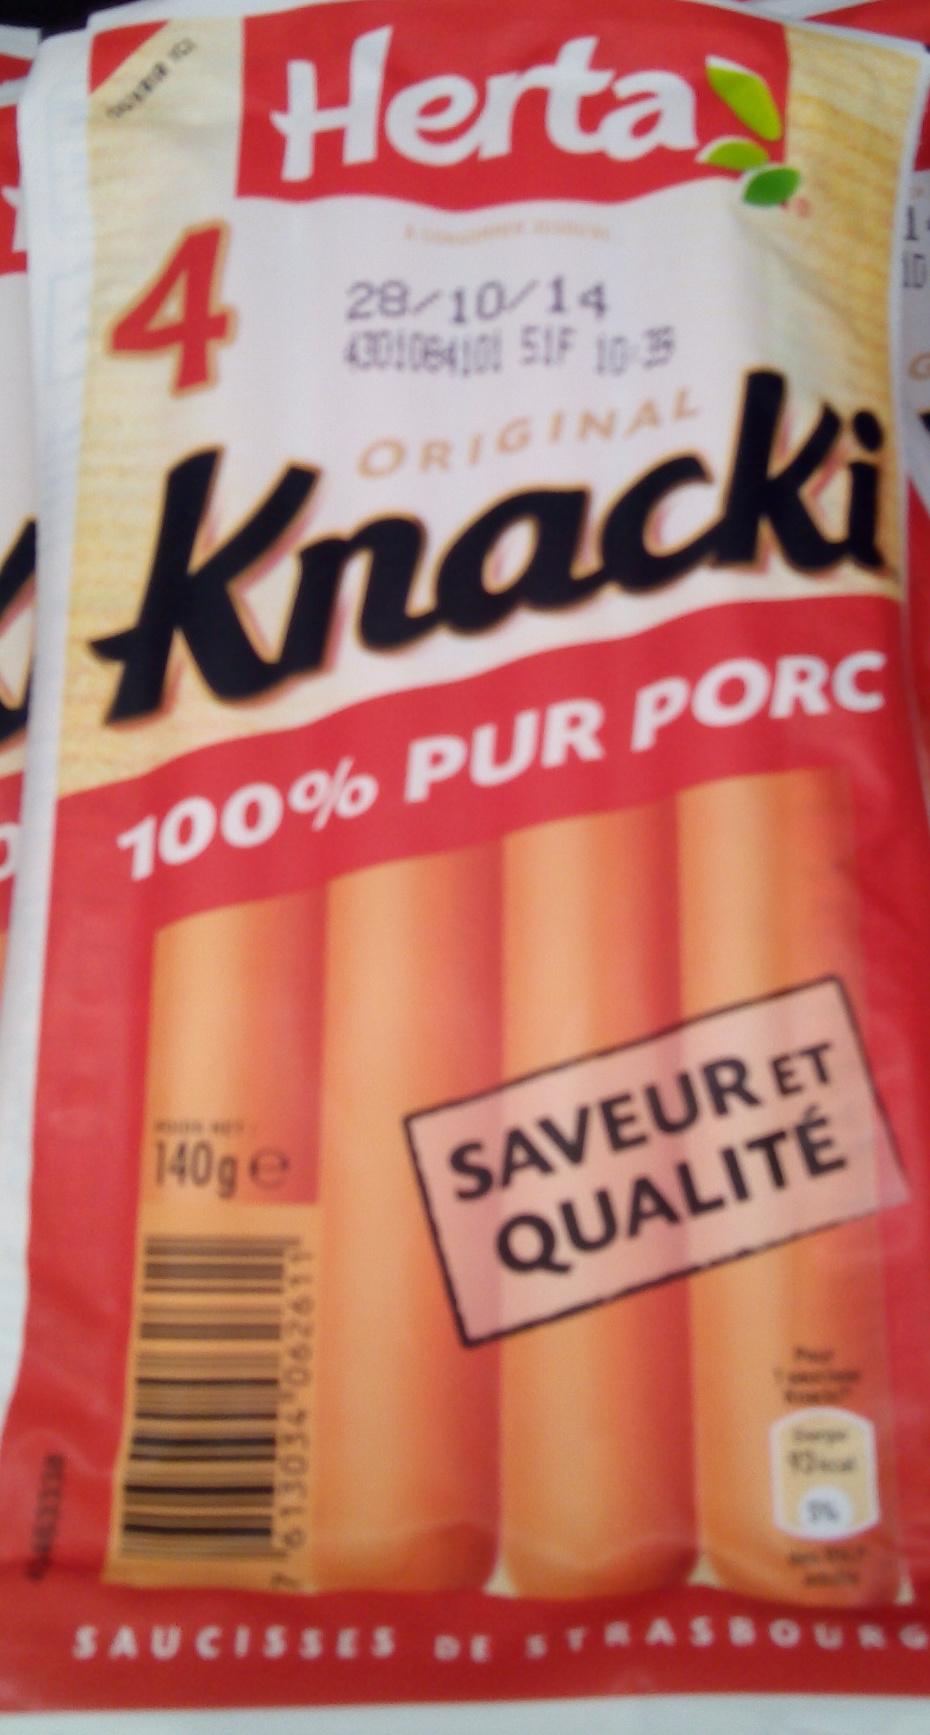 4 Original Knacki, 100 % Pur Porc - Produit - fr